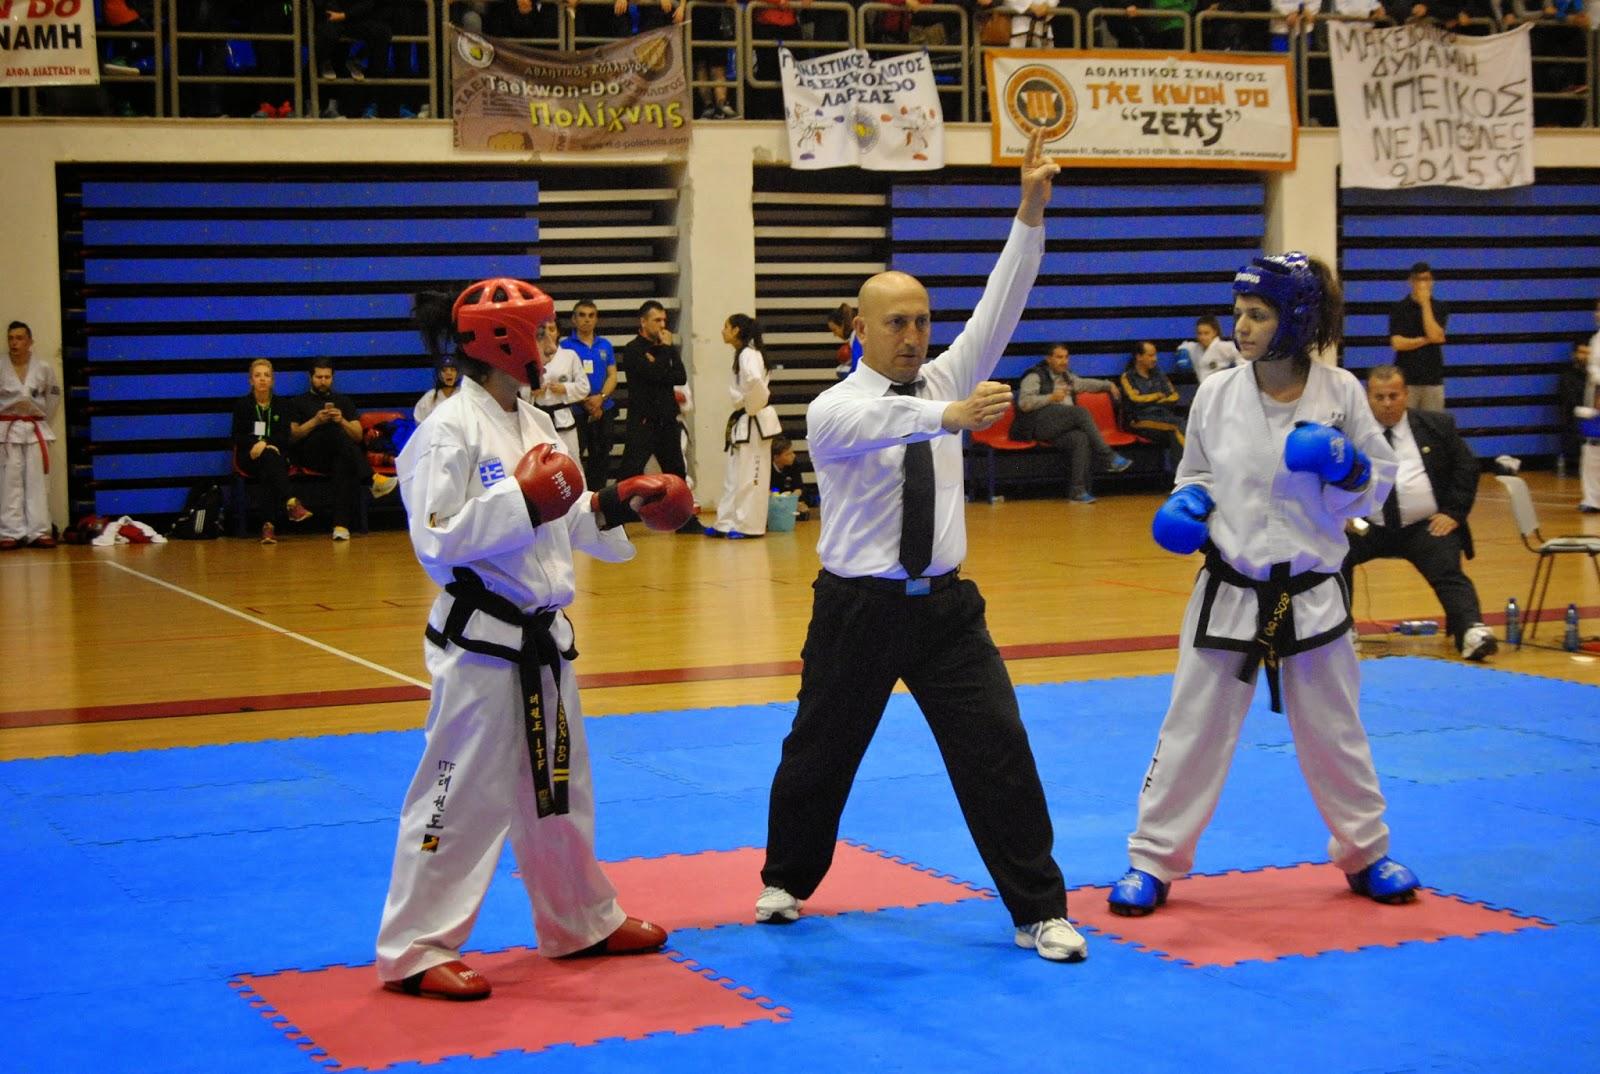 taekwondoitf_o_dt_02_2015_03_06_f1